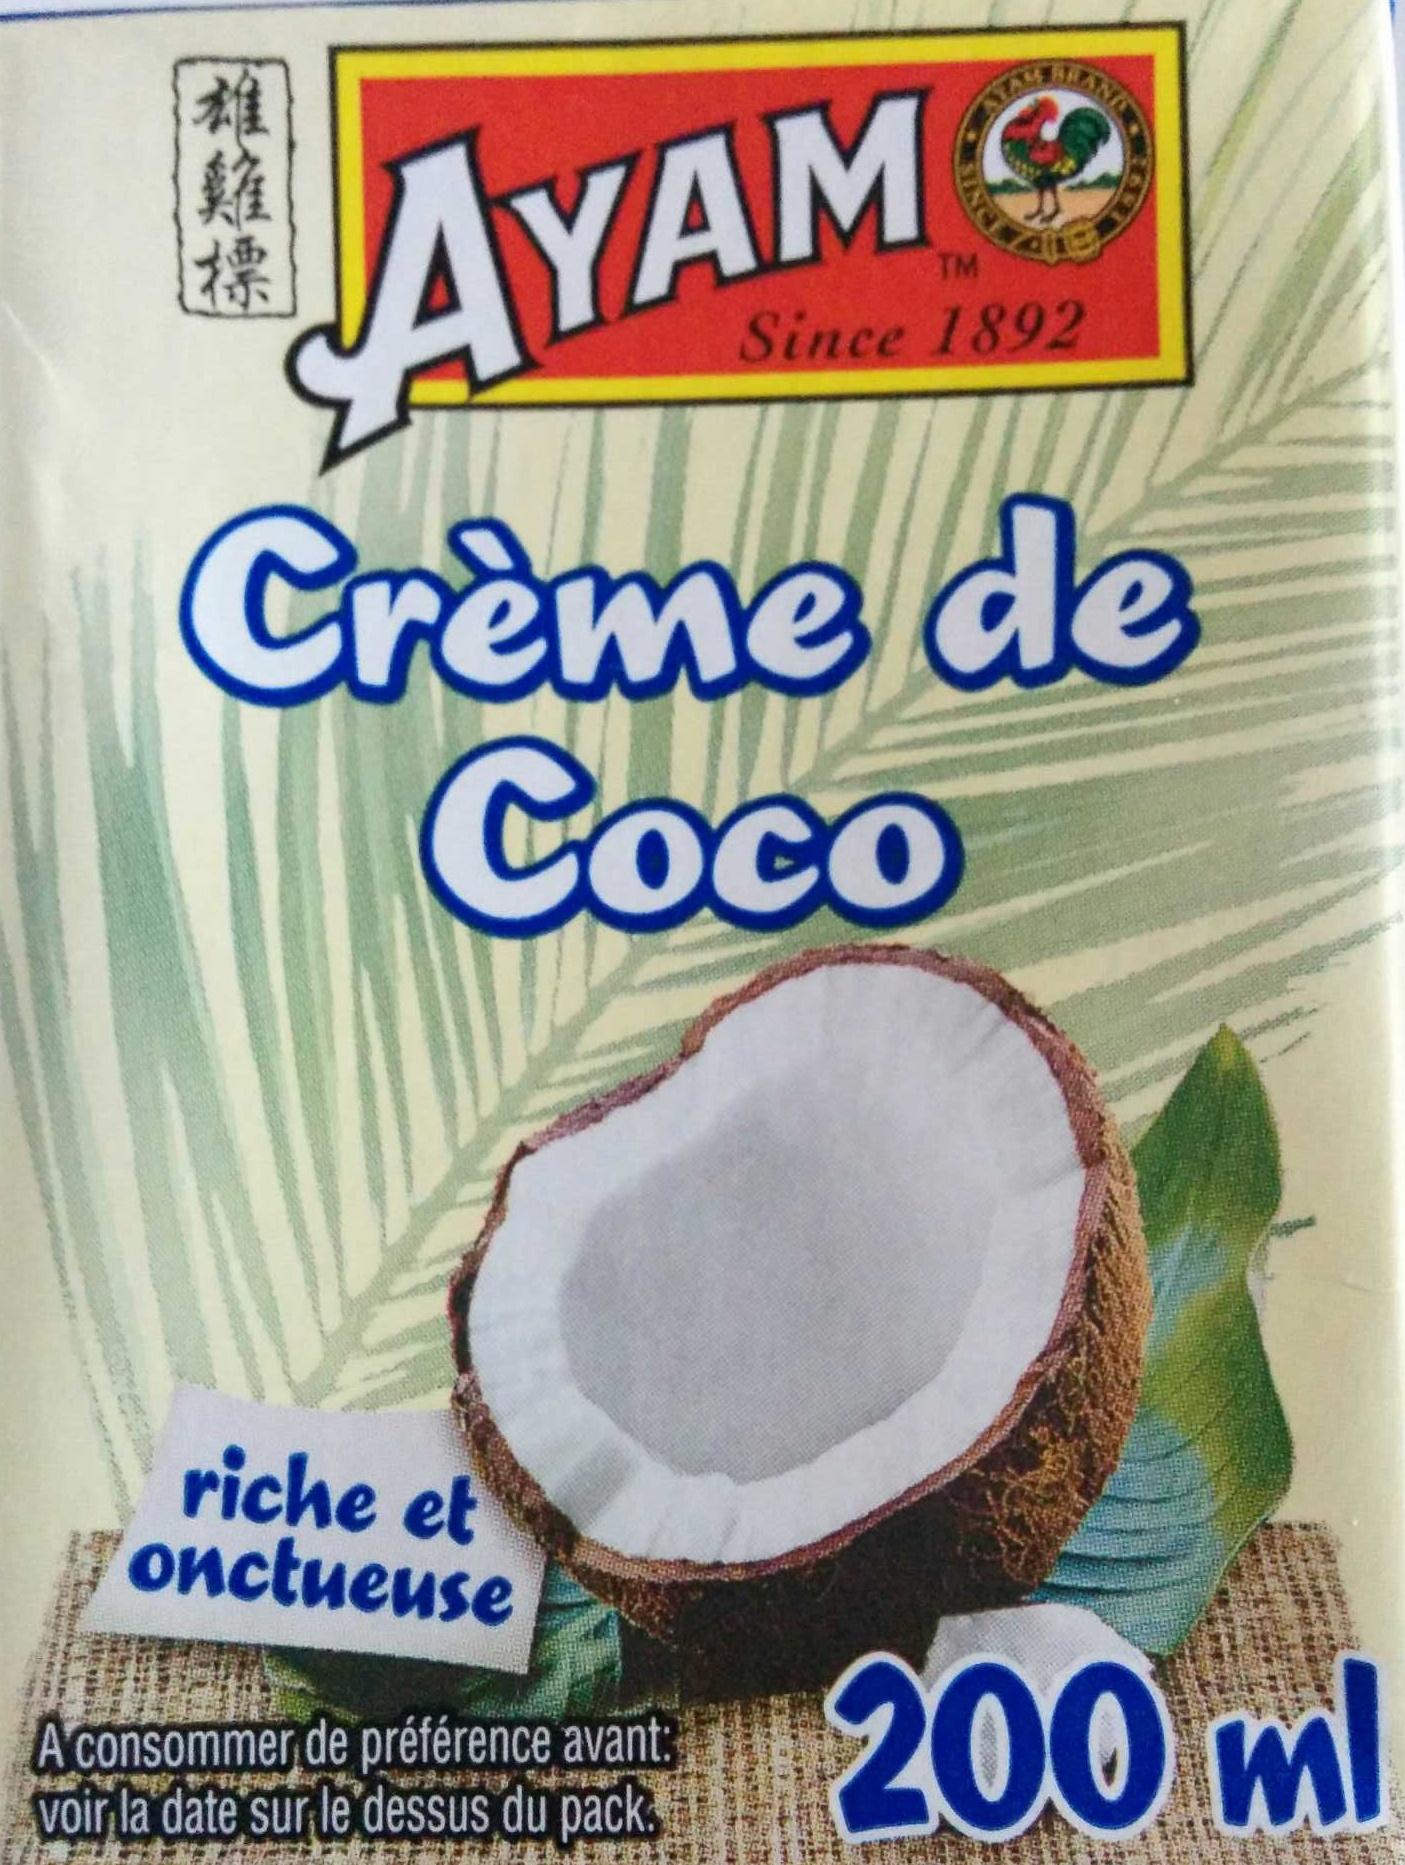 Crème de Coco - Ayam - 200 ml